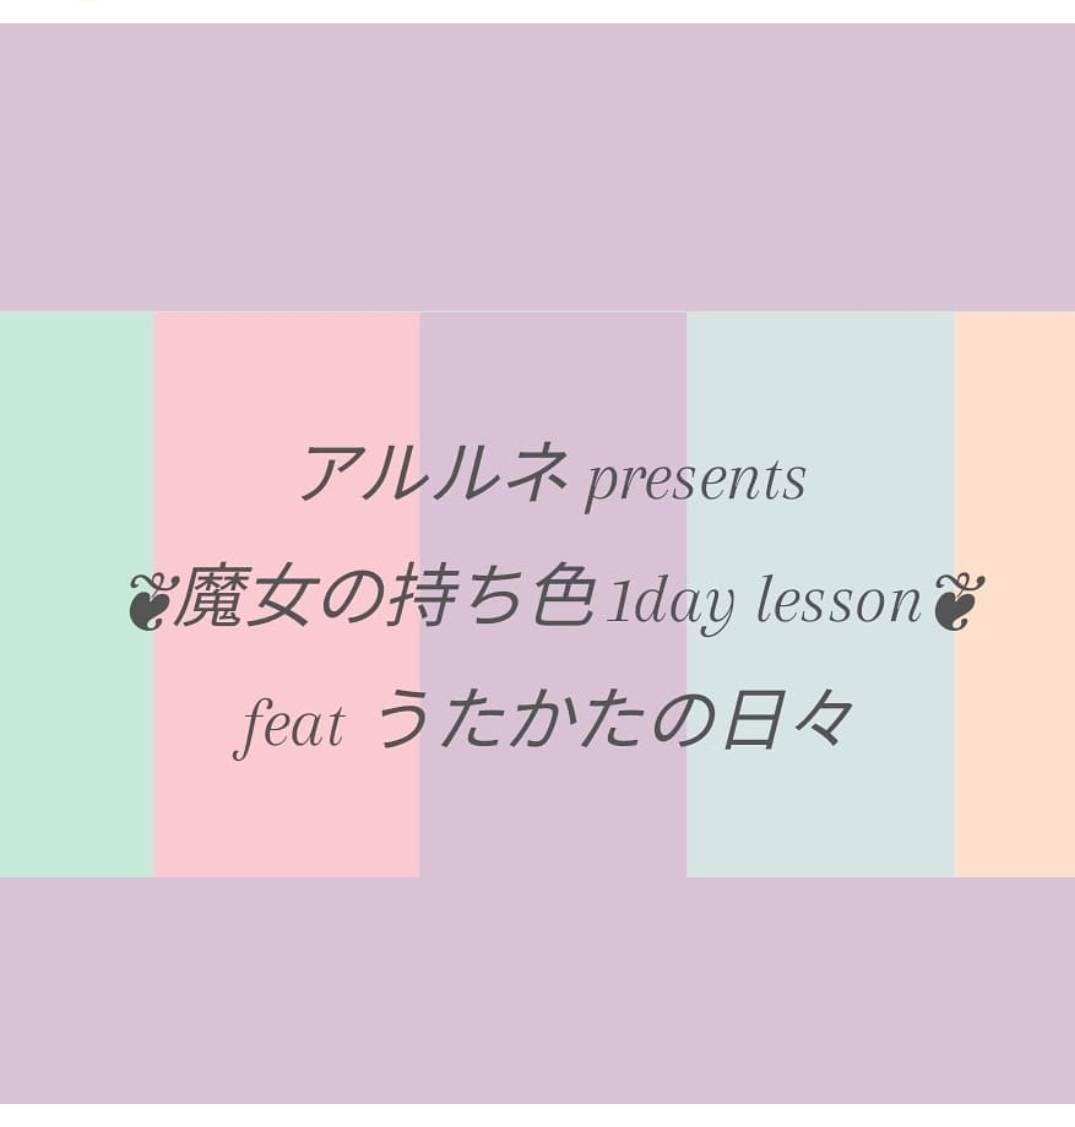 アルルネpresents 【魔女の持ち色   1dayレッスン】 feat.うたかたの日々